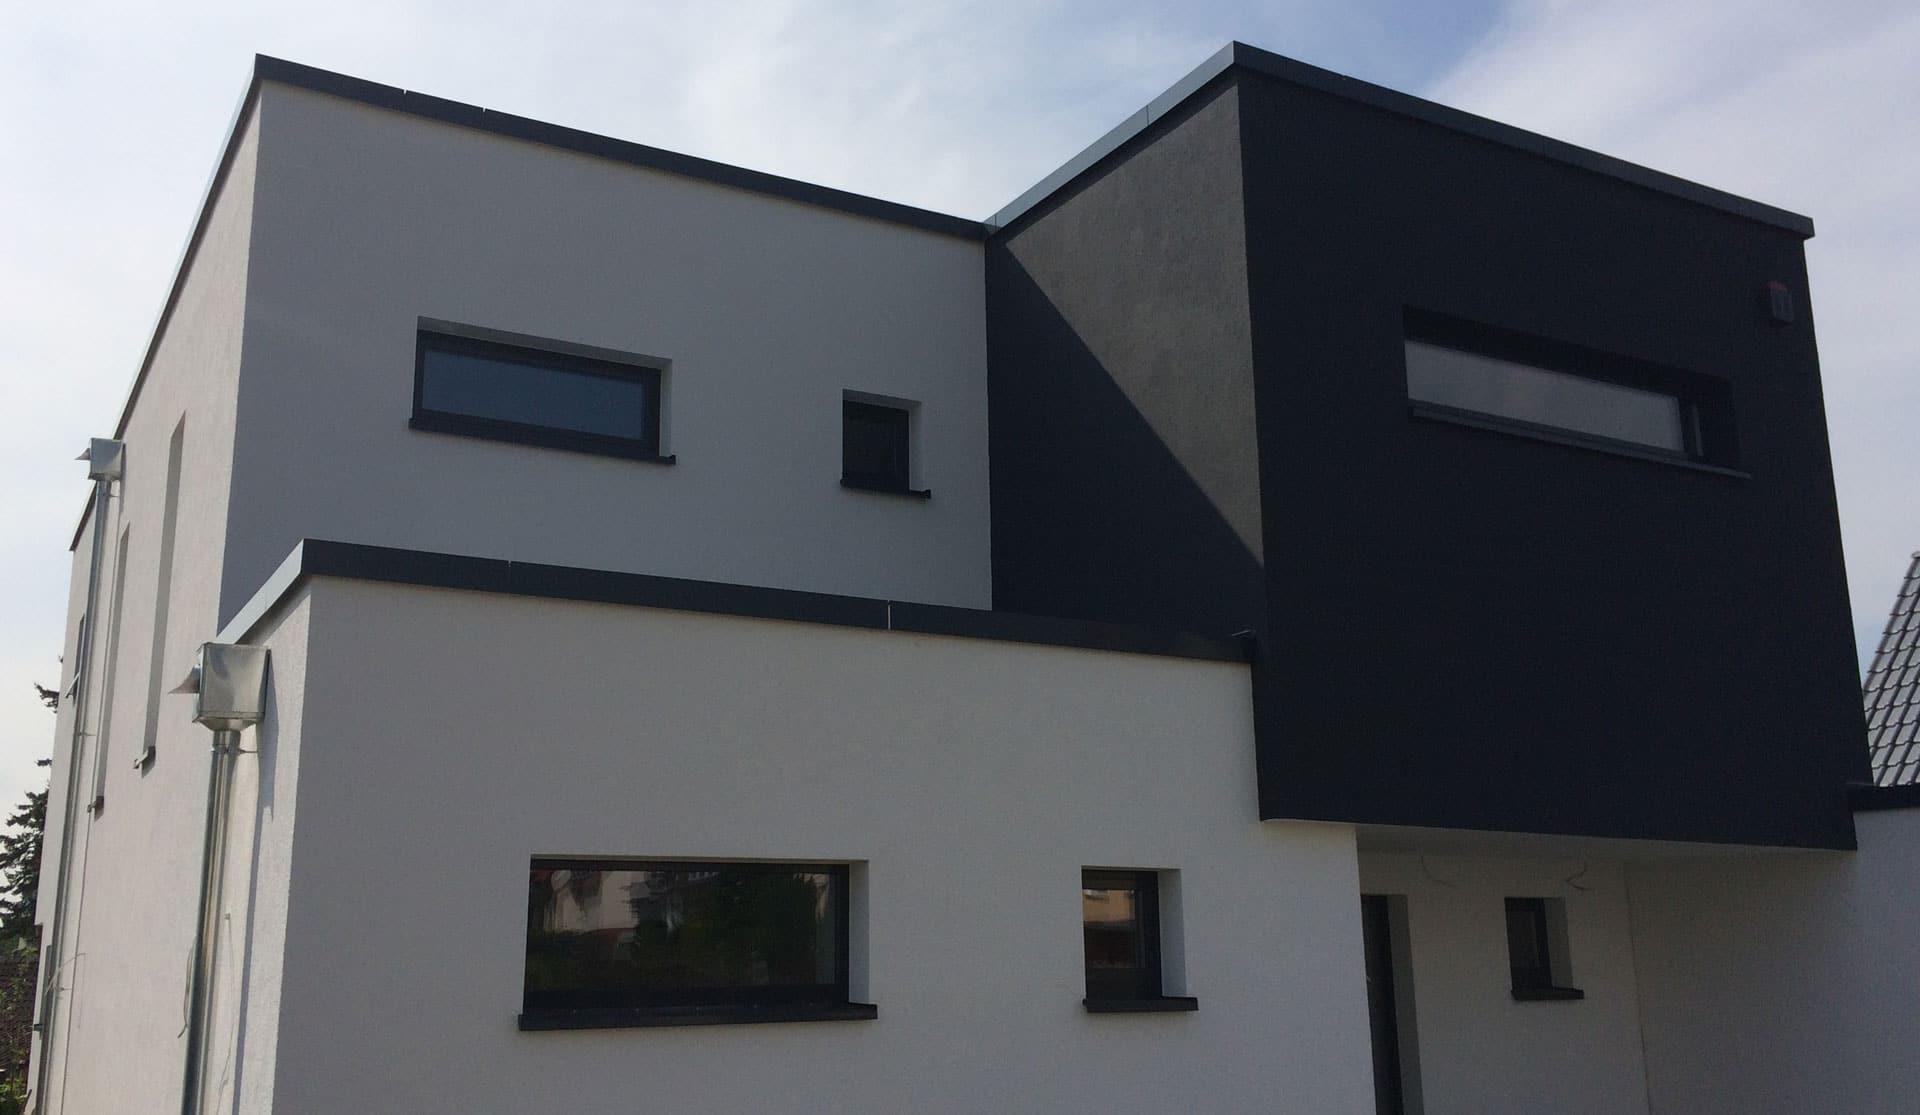 Einfamilienhaus neubau mit doppelgarage  Neubau Einfamilienhaus mit Doppelgarage in Göttingen-Geismar • aC ...